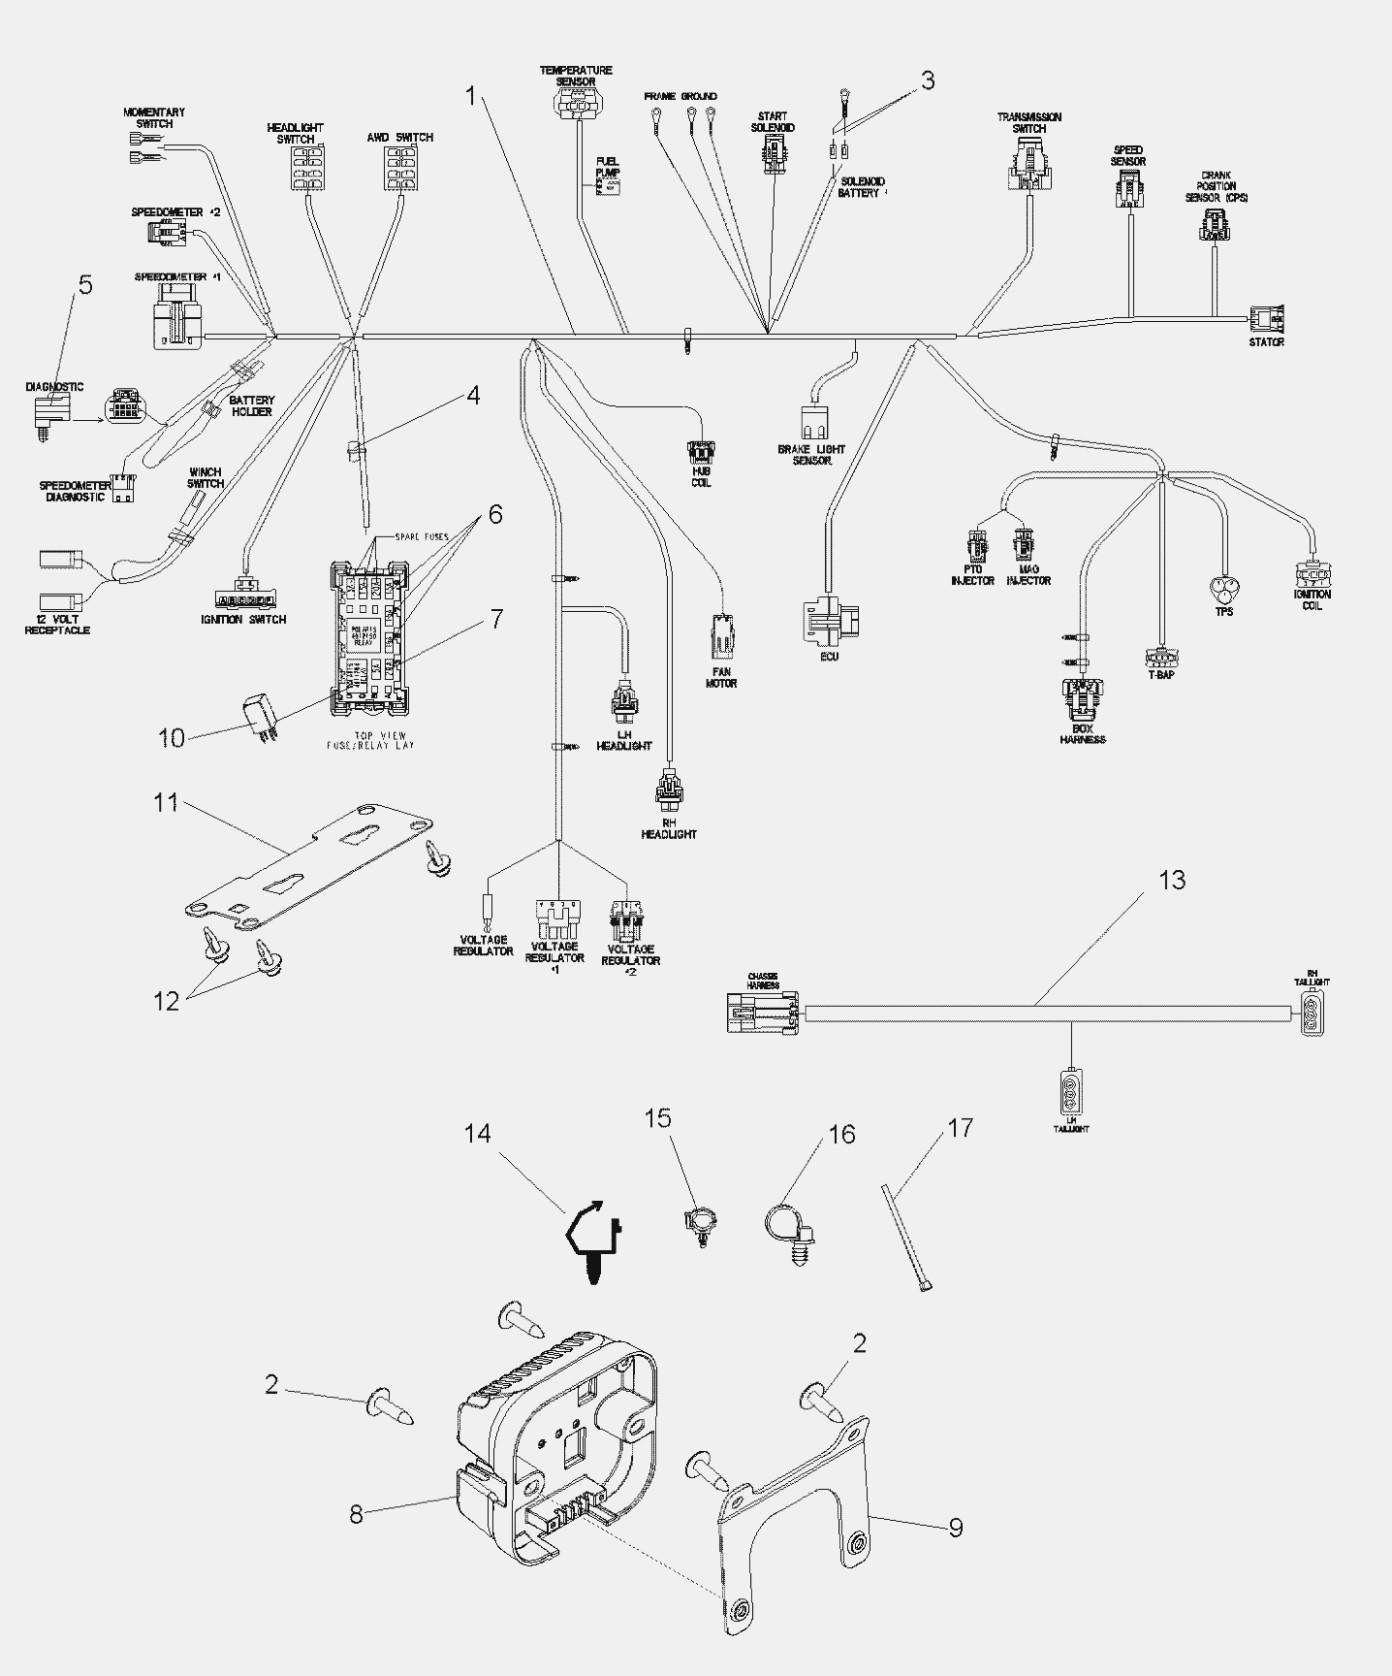 Diagram Polaris Rzr 900 Parts Diagram Full Version Hd